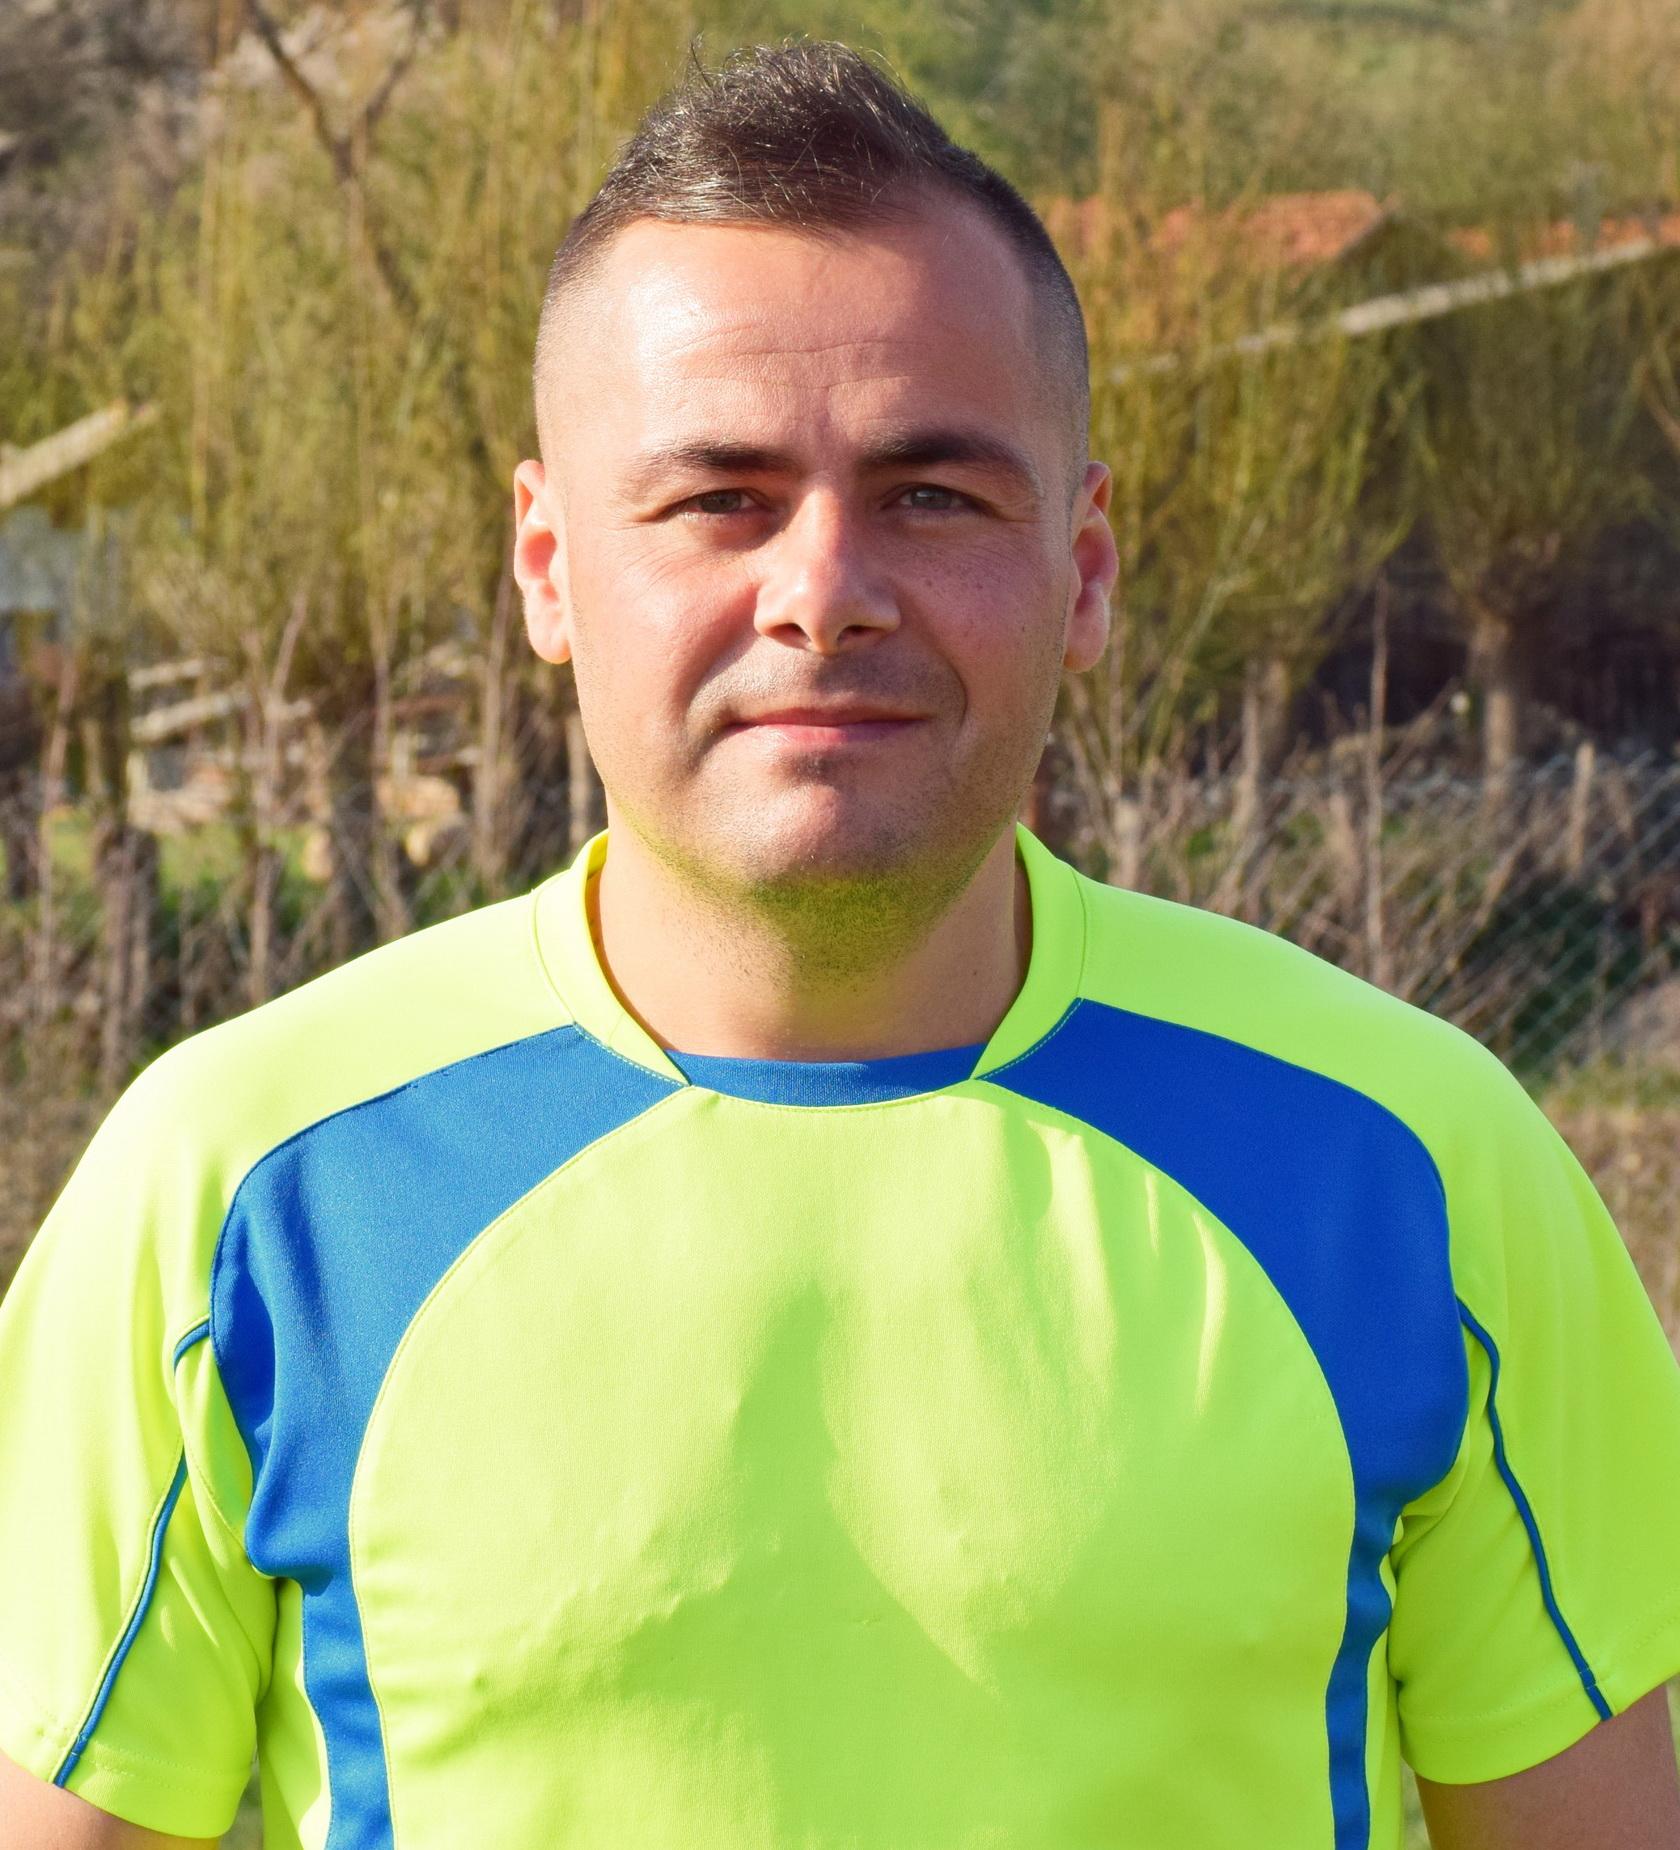 Constantin Ovidiu Lucian